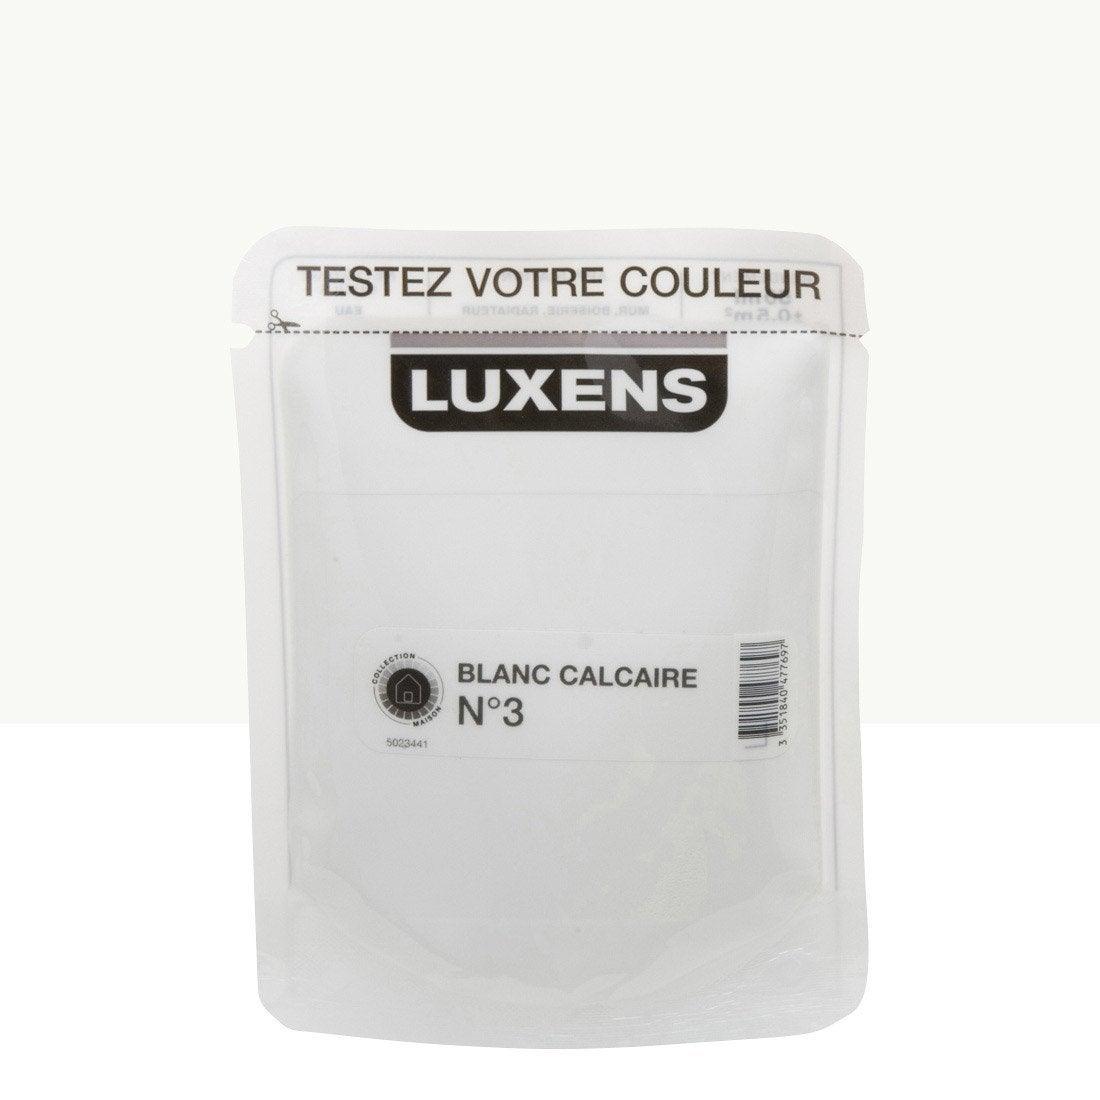 Couleur peinture luxens avec des id es - Peinture luxens blanc satin ...